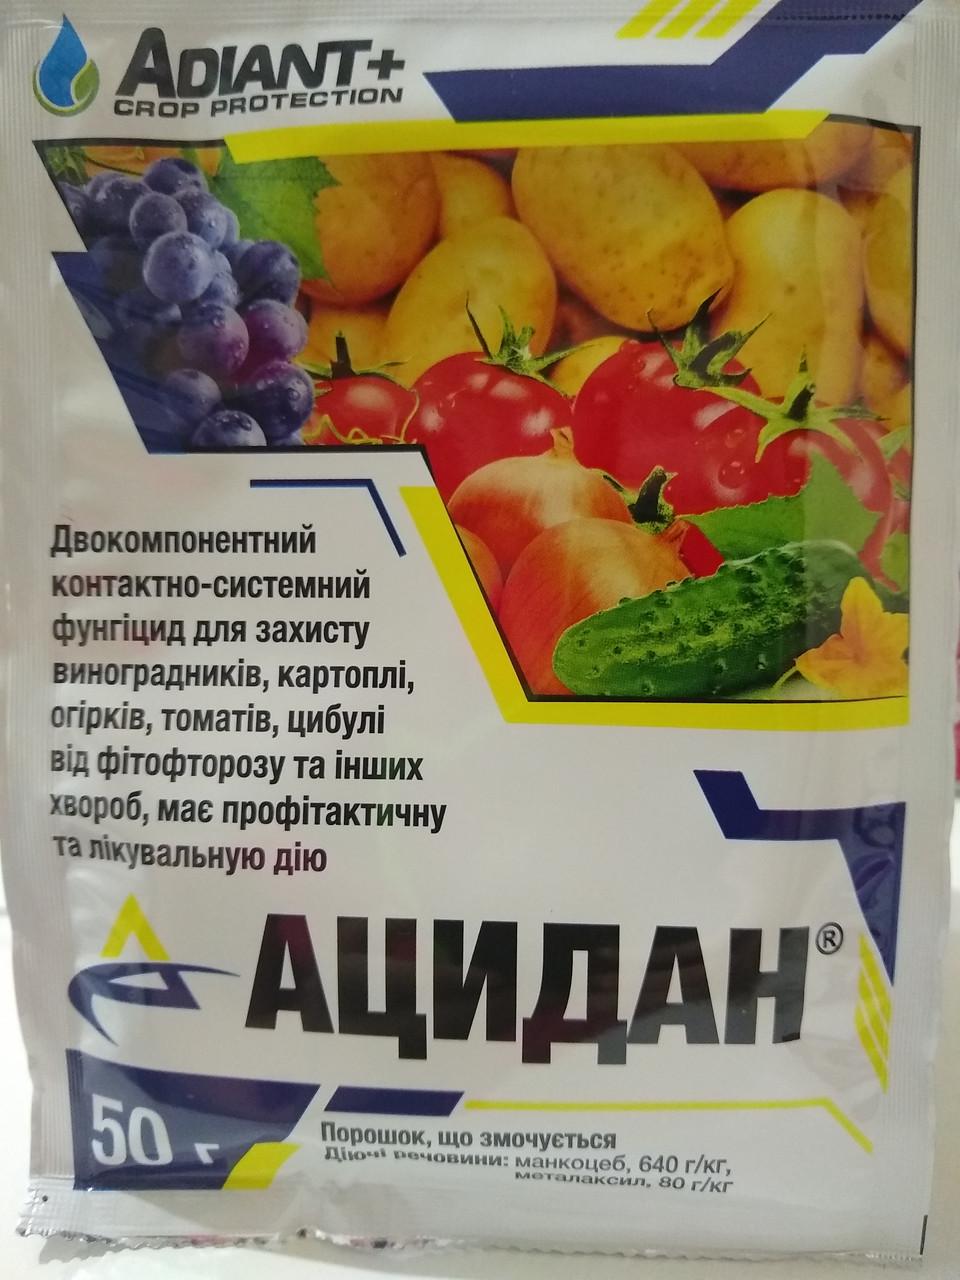 Фунгицид двухкомпонентный контактно-системный Ацидан 50 грамм на 8 литров воды Адиант, Украина